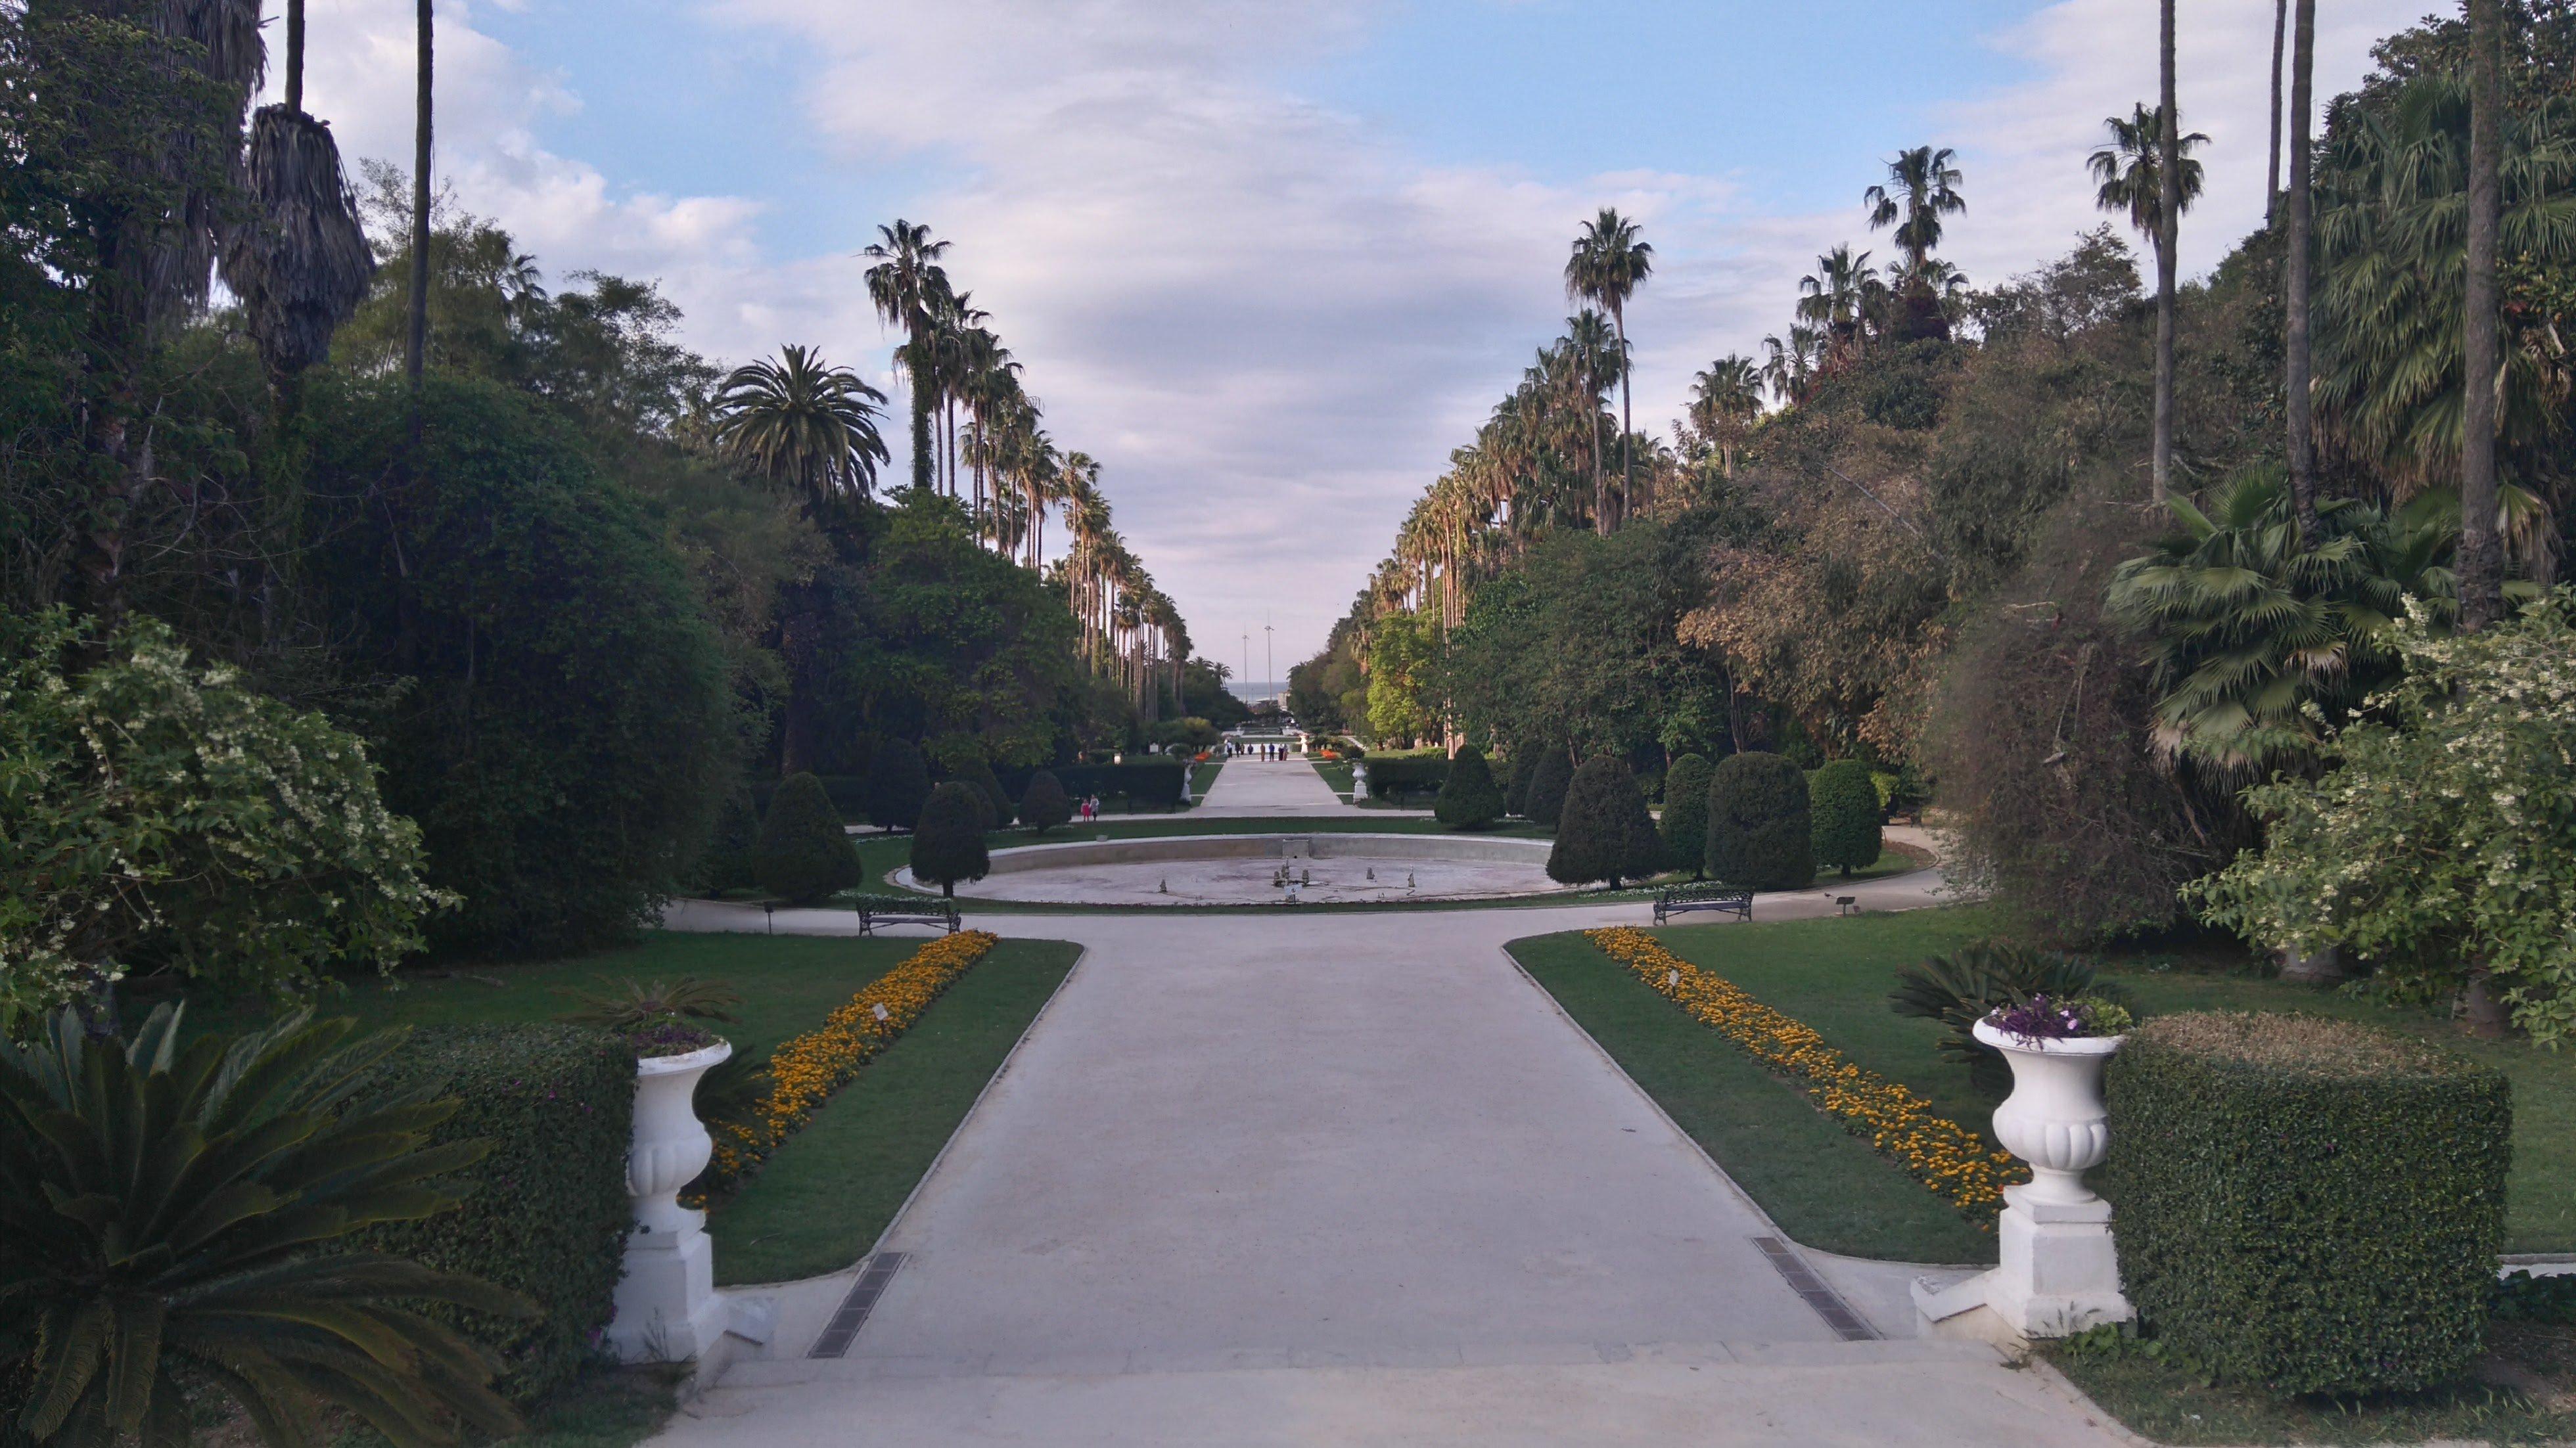 Le Jardin d'essai du Hamma conforme aux normes pour être classé jardin